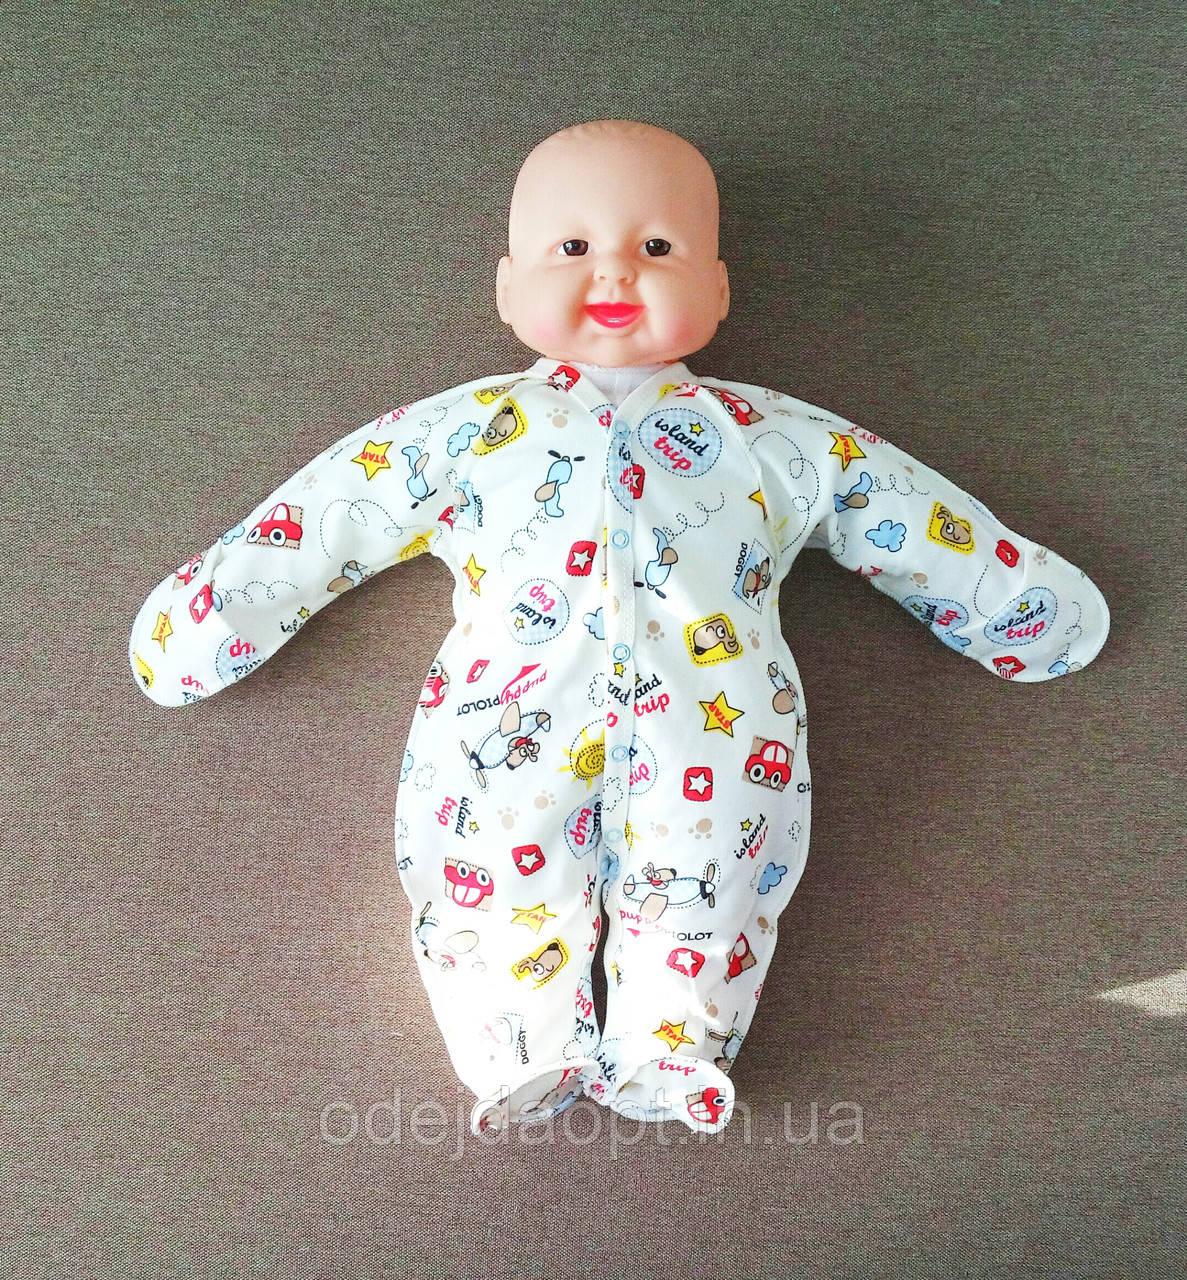 Комбинезоны,человечеки для новорожденных 56,62,68 см